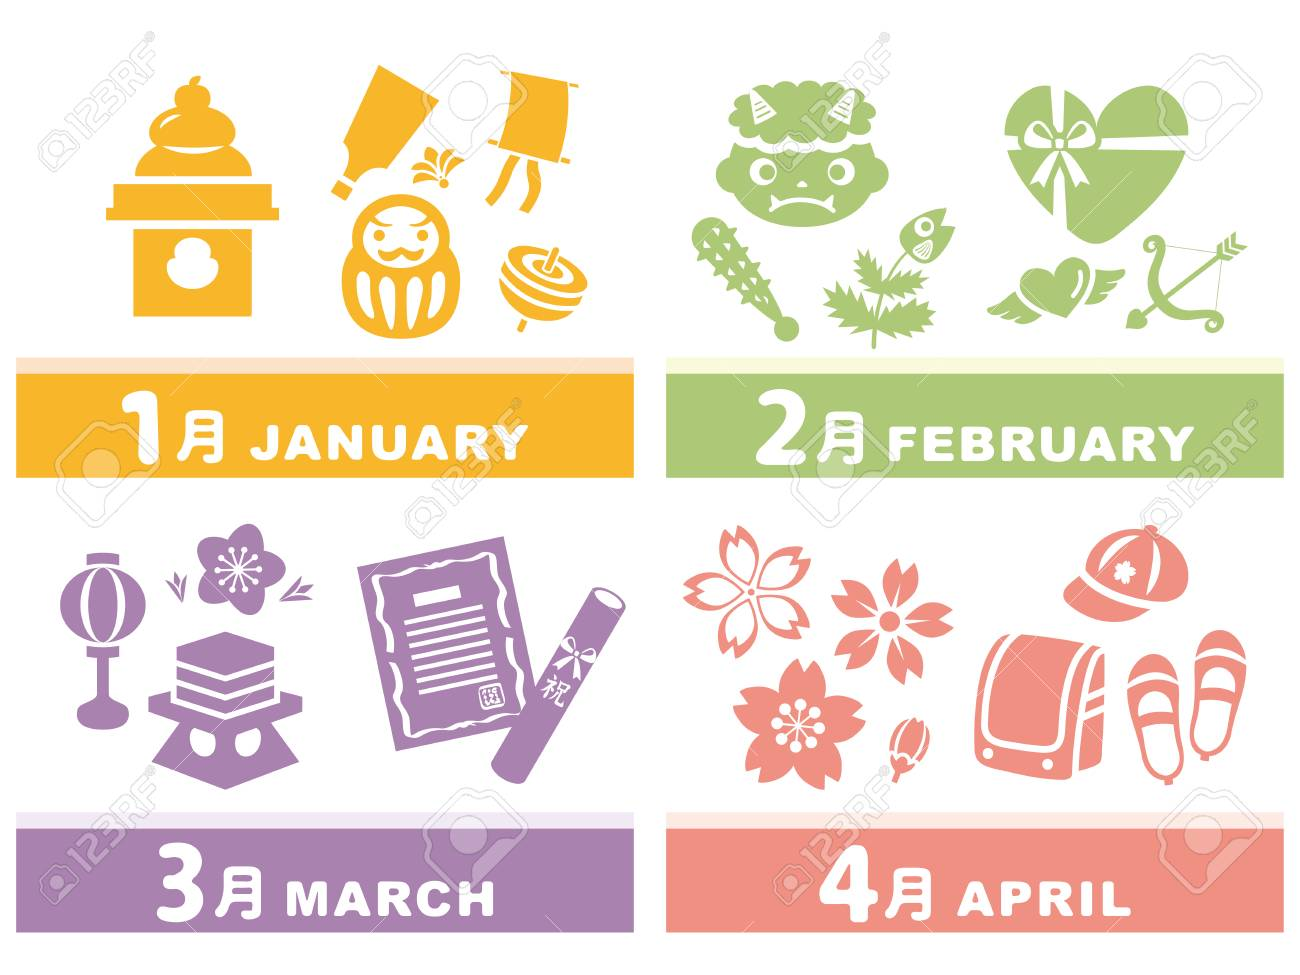 日本で 1 月2 月3 月4 月の伝統行事のイラスト素材ベクタ